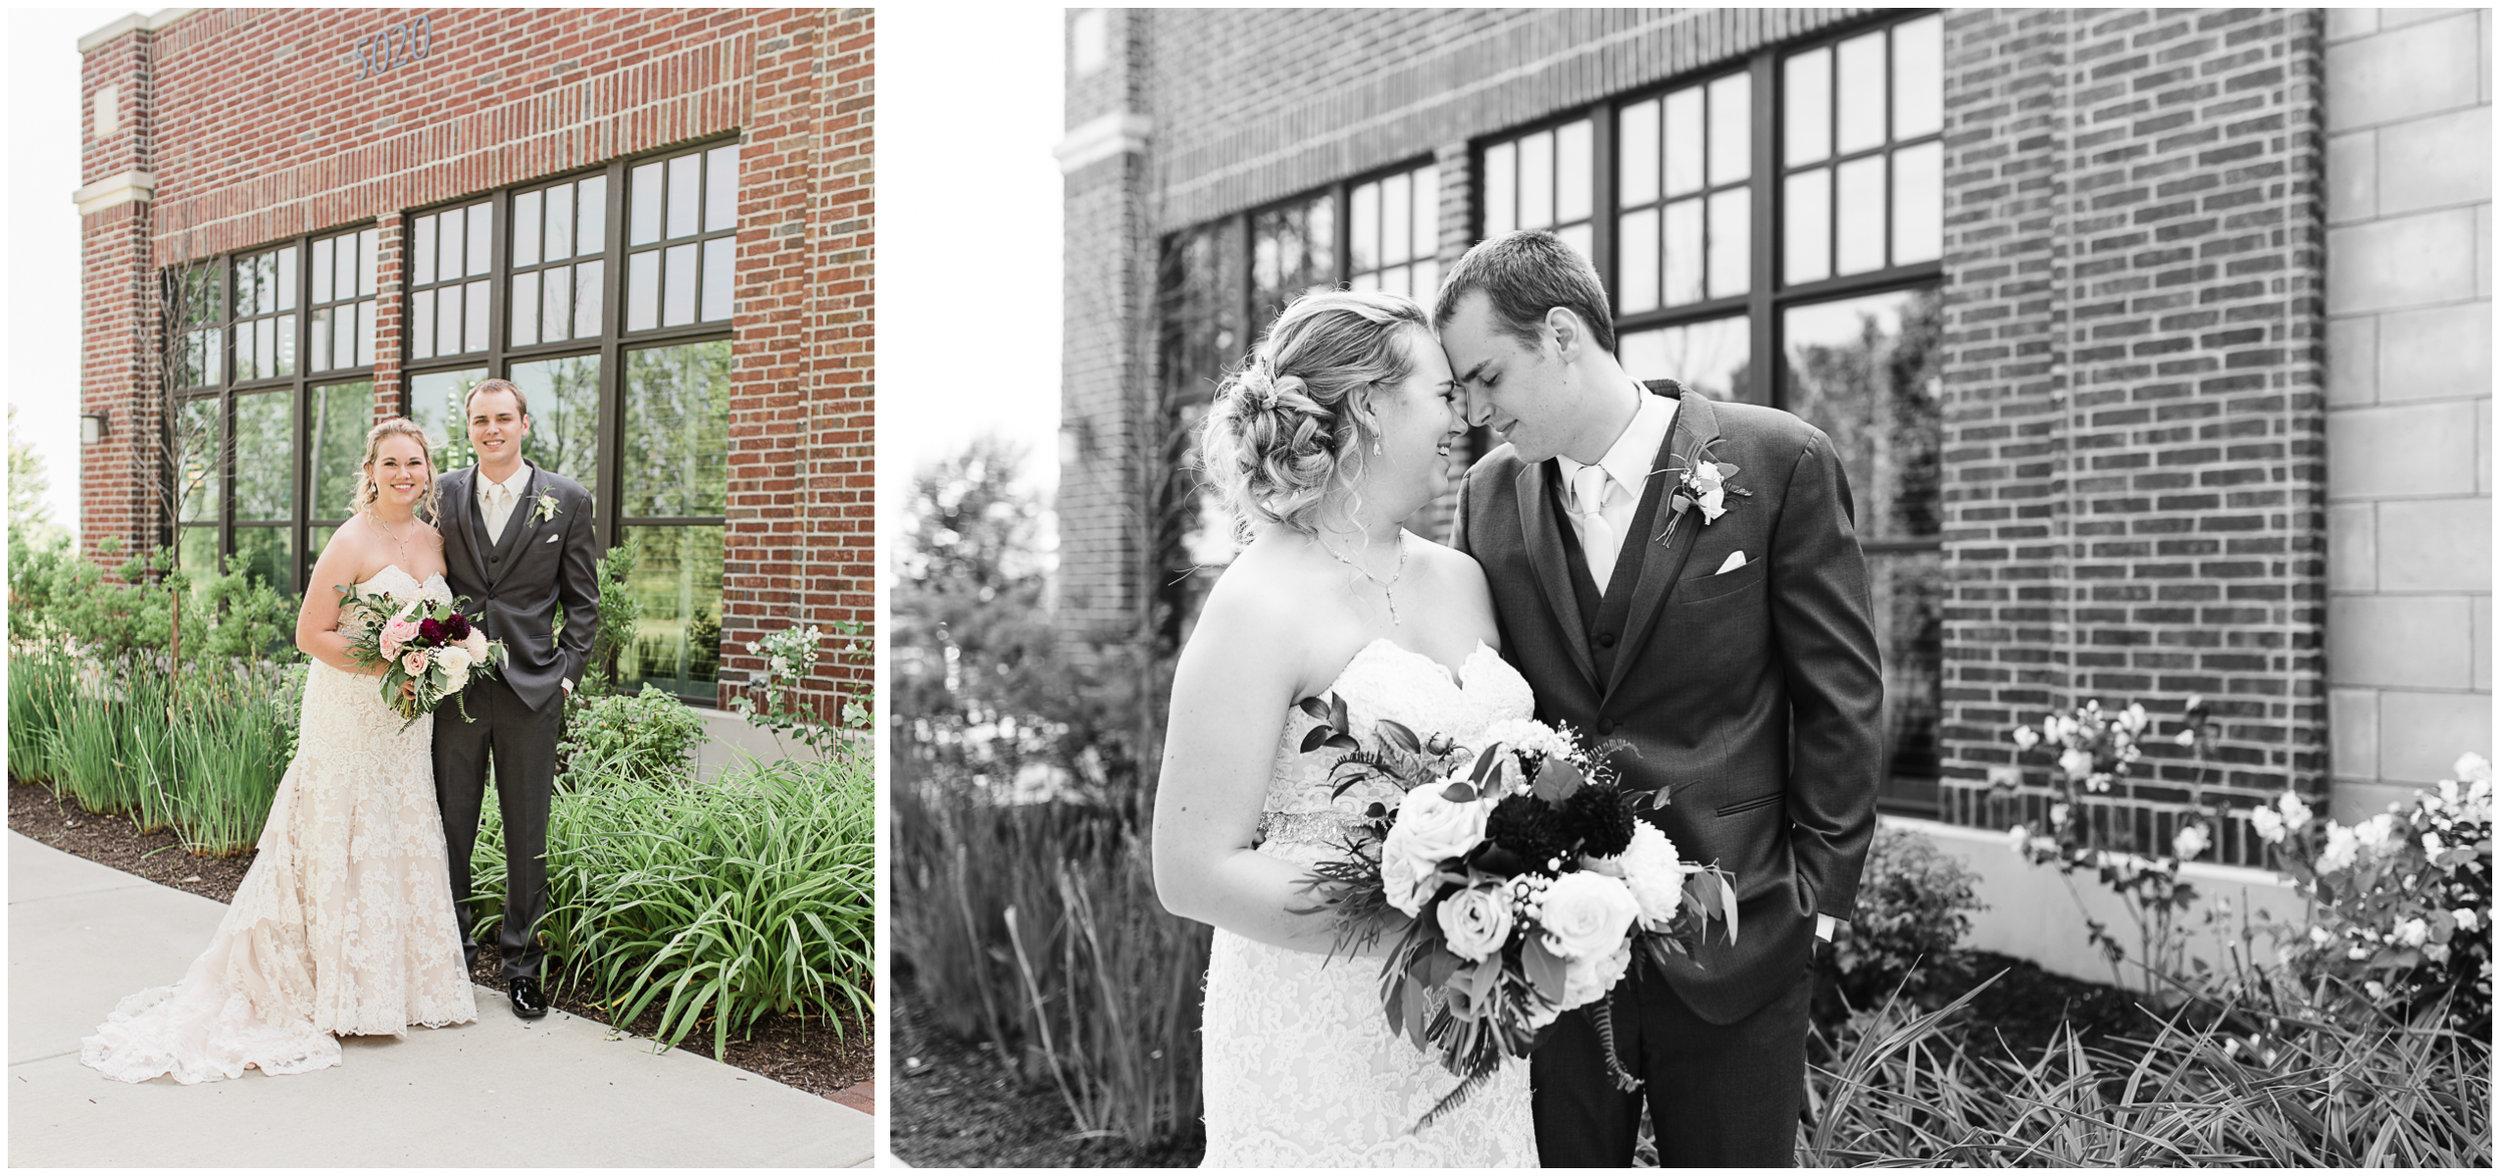 minocqua-wisconsin-wedding-photographer-rhinelander-eagle-river-senior-photography-engagement-family-woodruf36.jpg